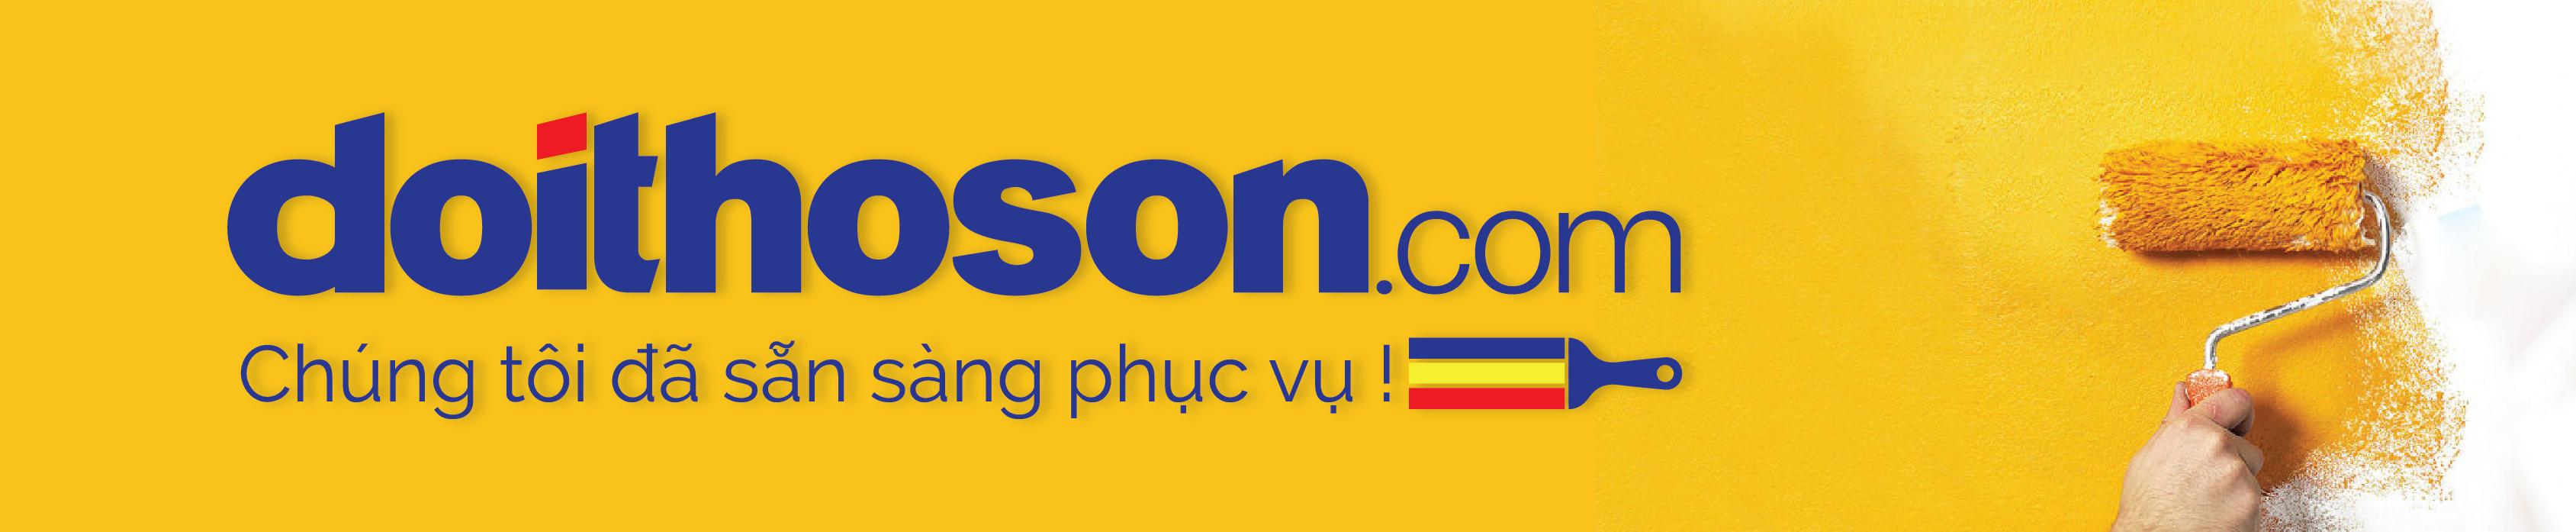 Đội Thợ Sơn.com nơi tìm kiếm thợ sơn nhà, thợ sơn công trình, thợ sơn công nghiệp chuyên nghiệp